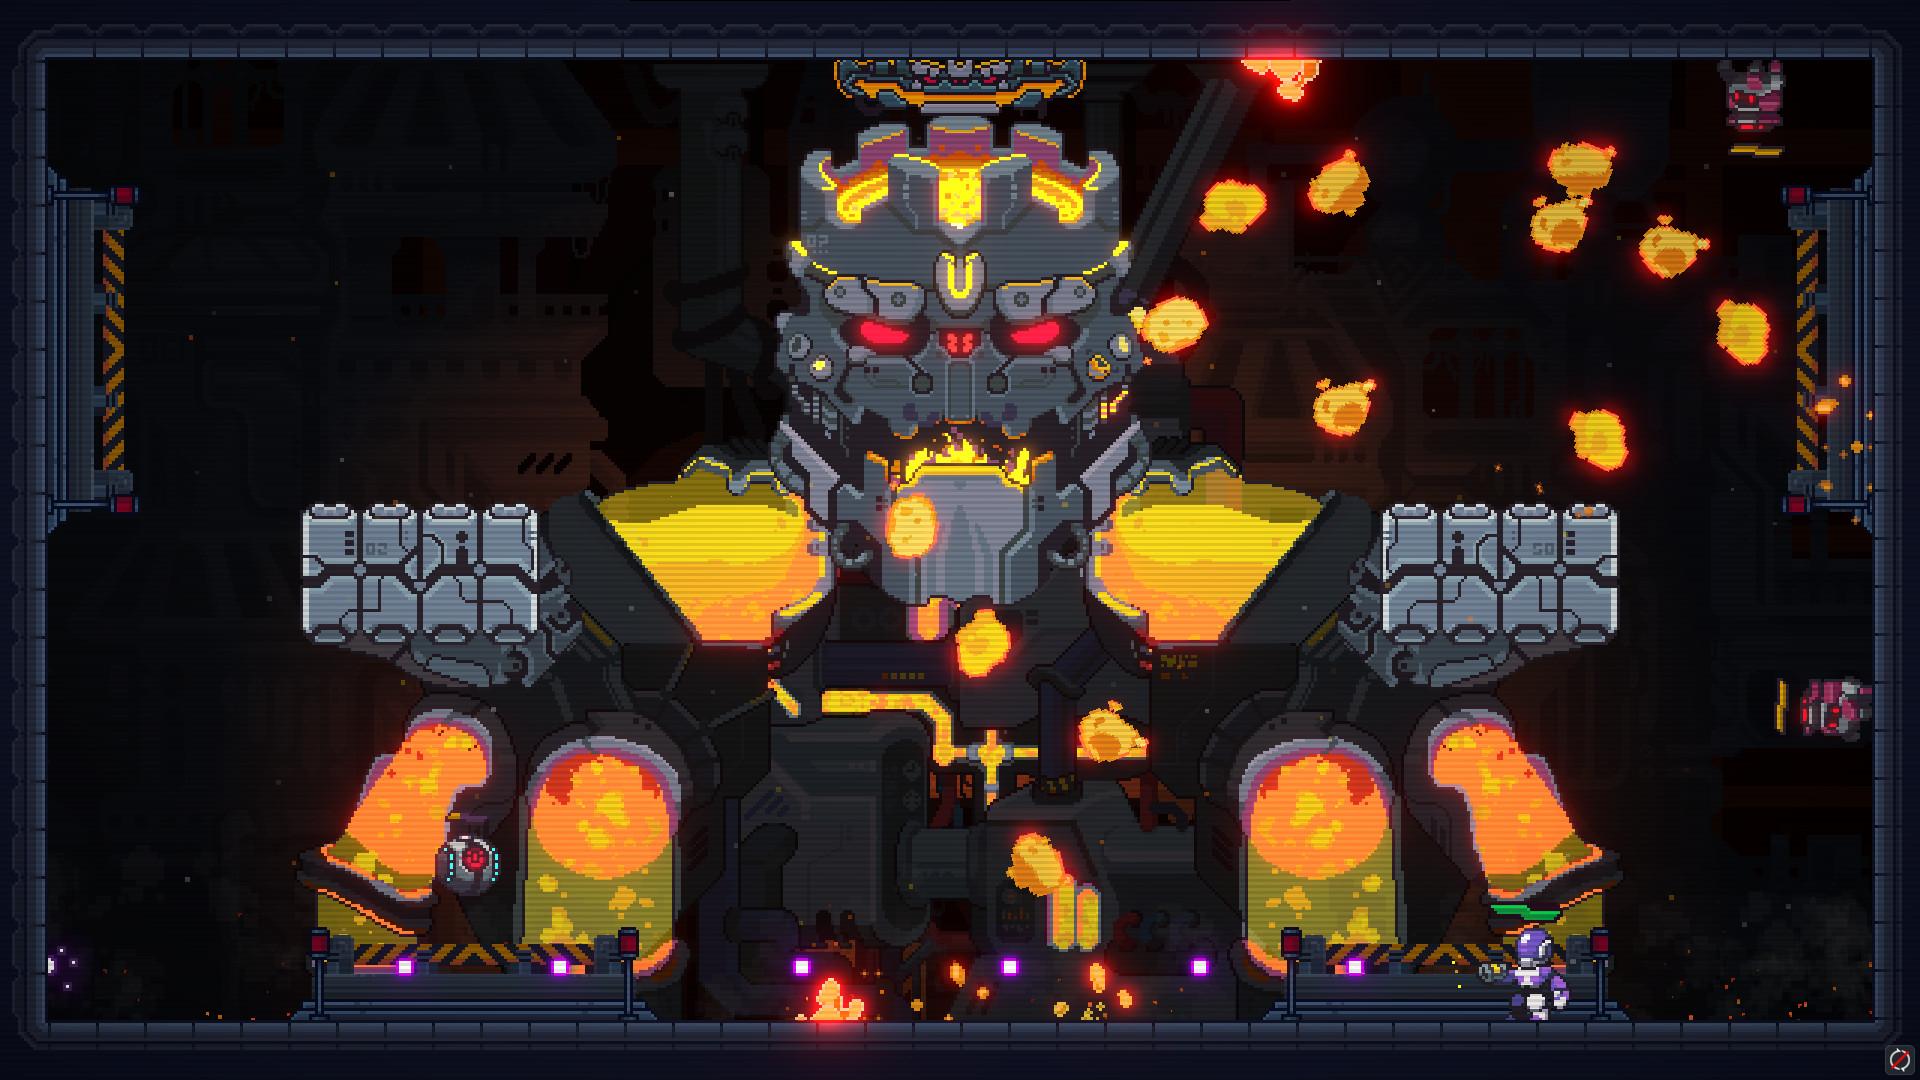 横版射击游戏《重力英雄》明年3月31日发售 登陆PC/NS/PS4/XB1